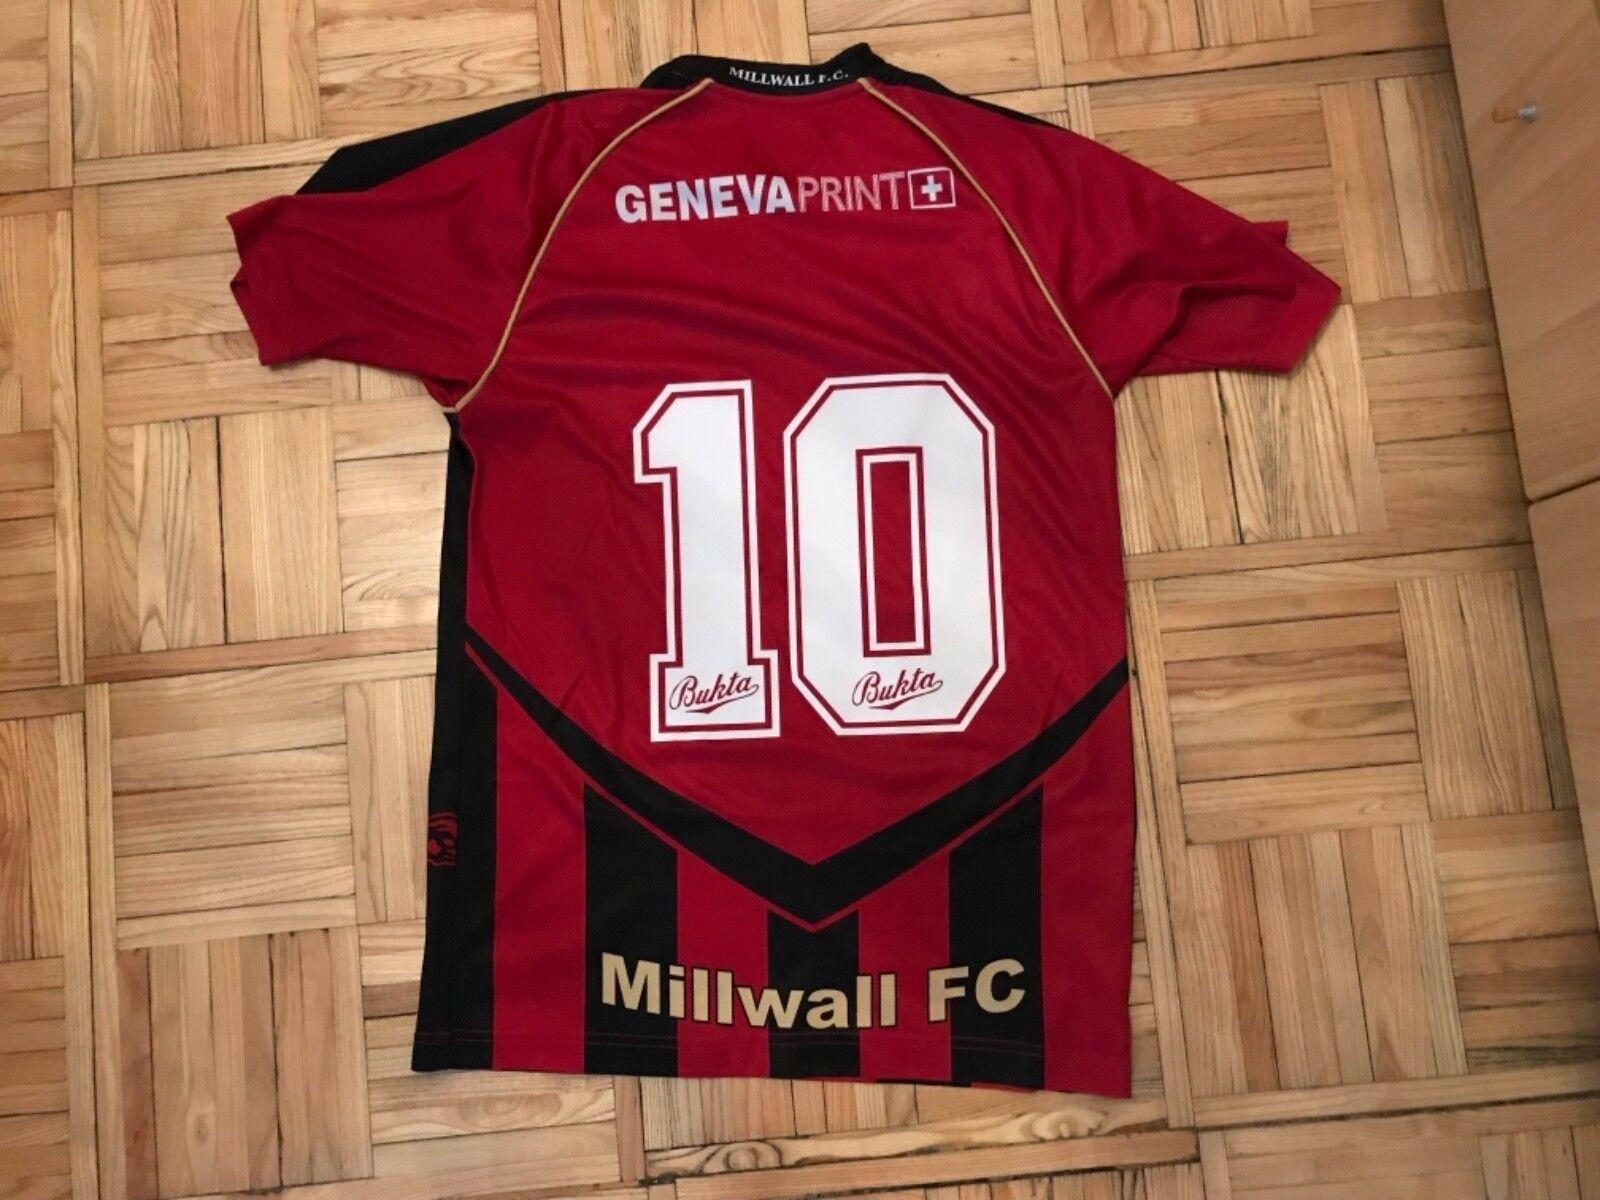 MILLWALL FC BUKTA S  10 SHIRT JERSEY TRIKOT MAILLOT MAGLIA